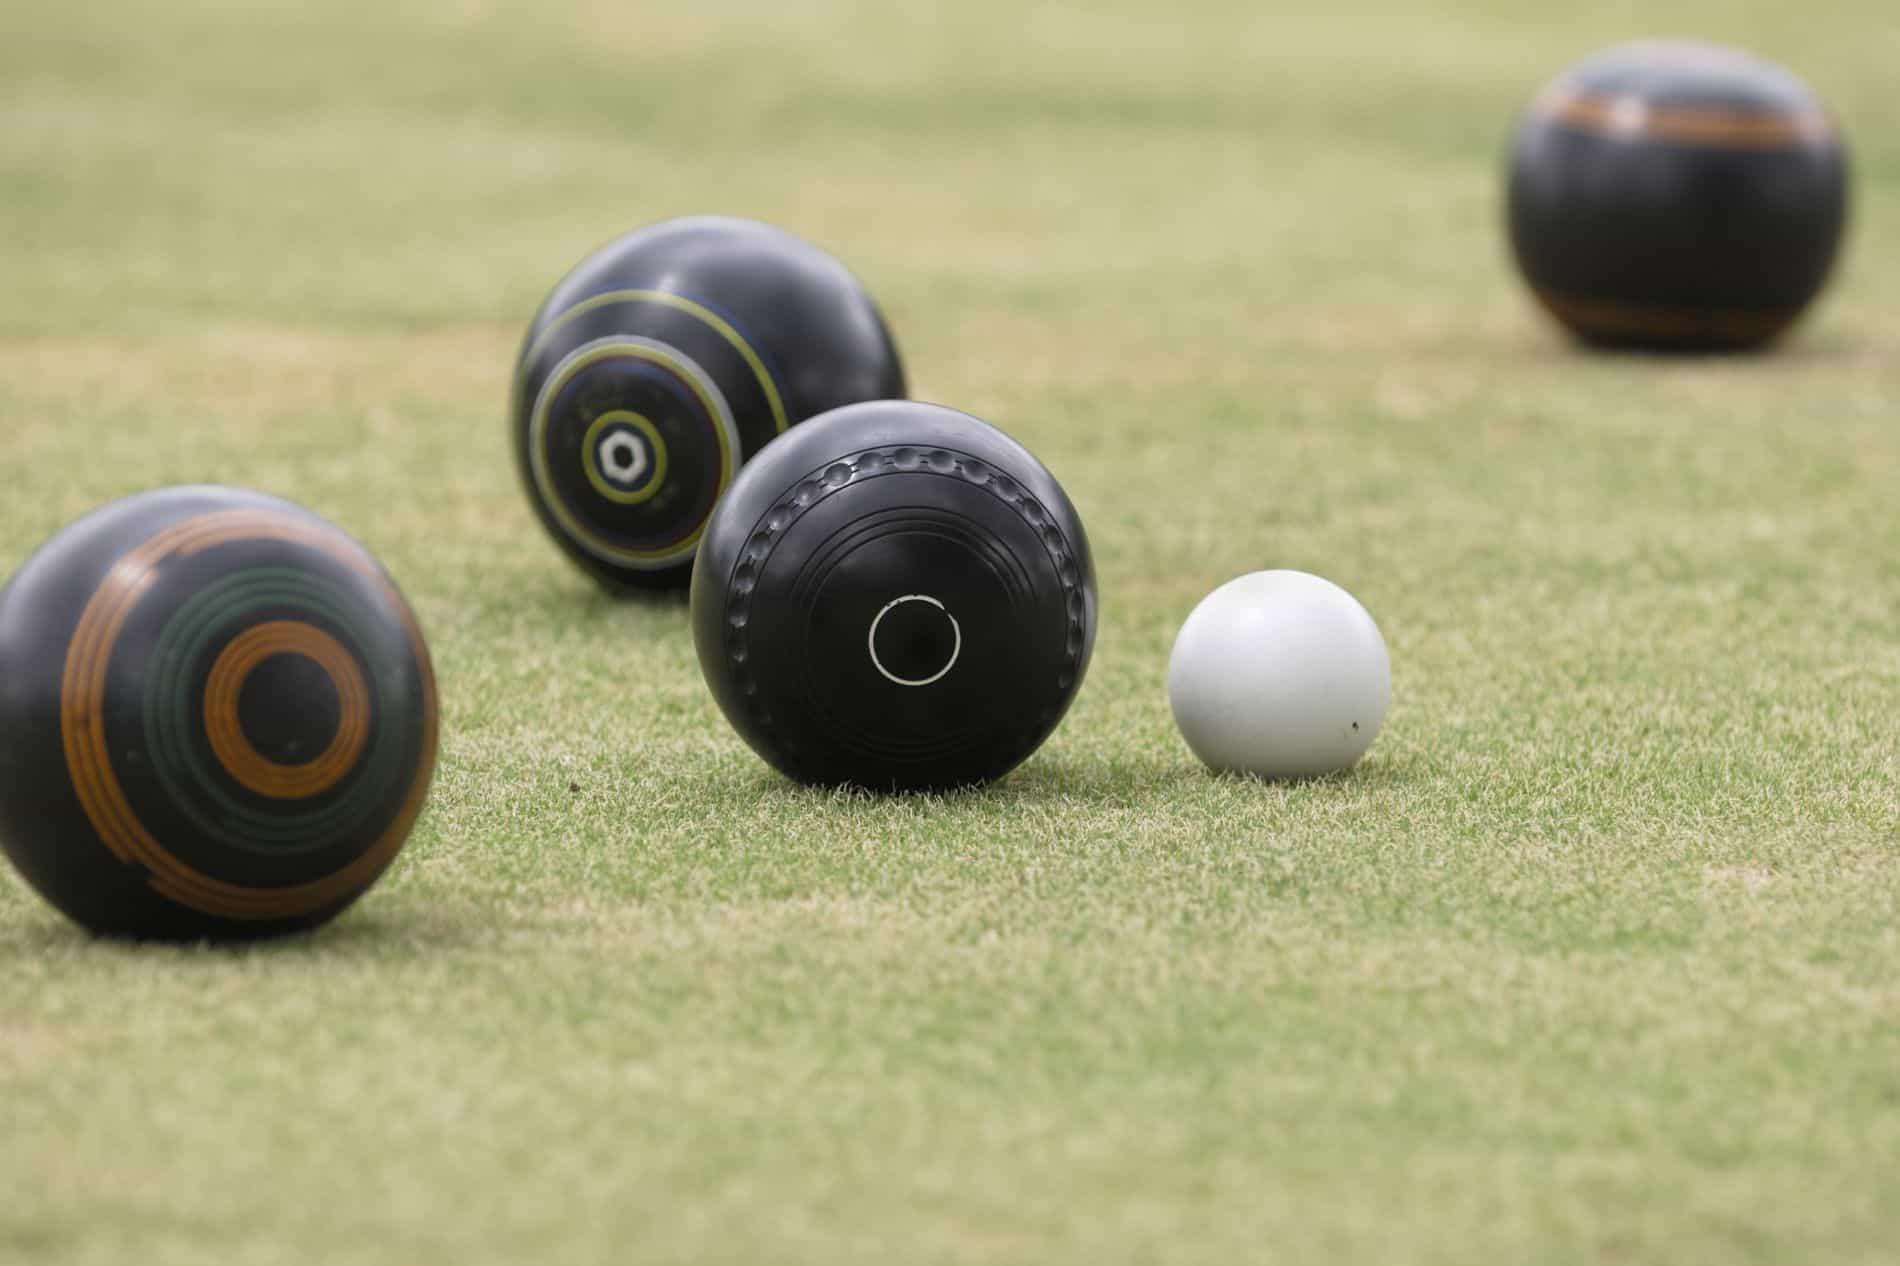 Close Up of Bowls and Jack at Croydon Bowling Club